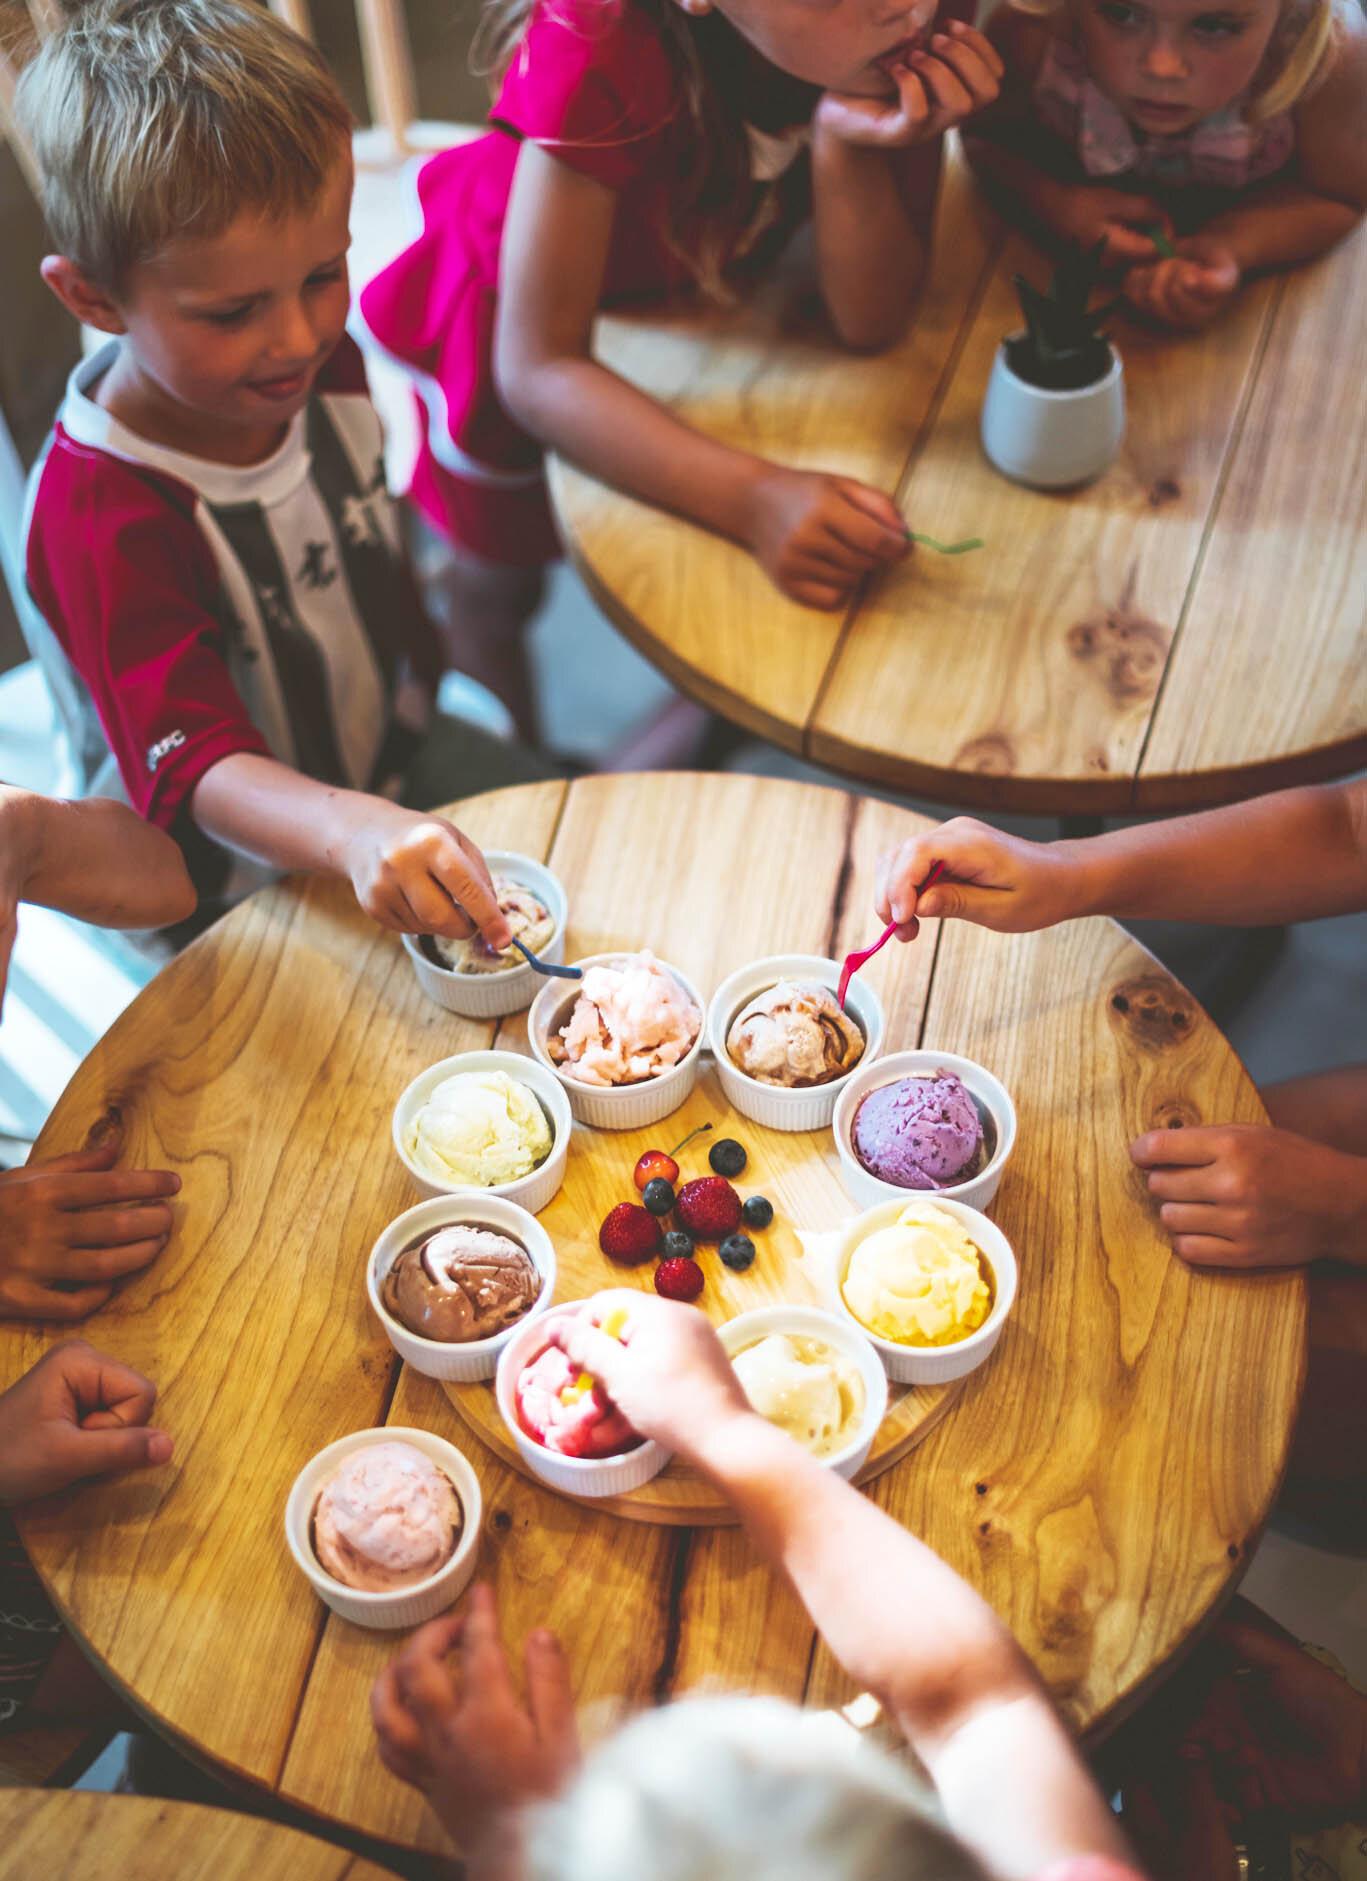 Skolēnu ekskursijas - Saldējuma degustācija